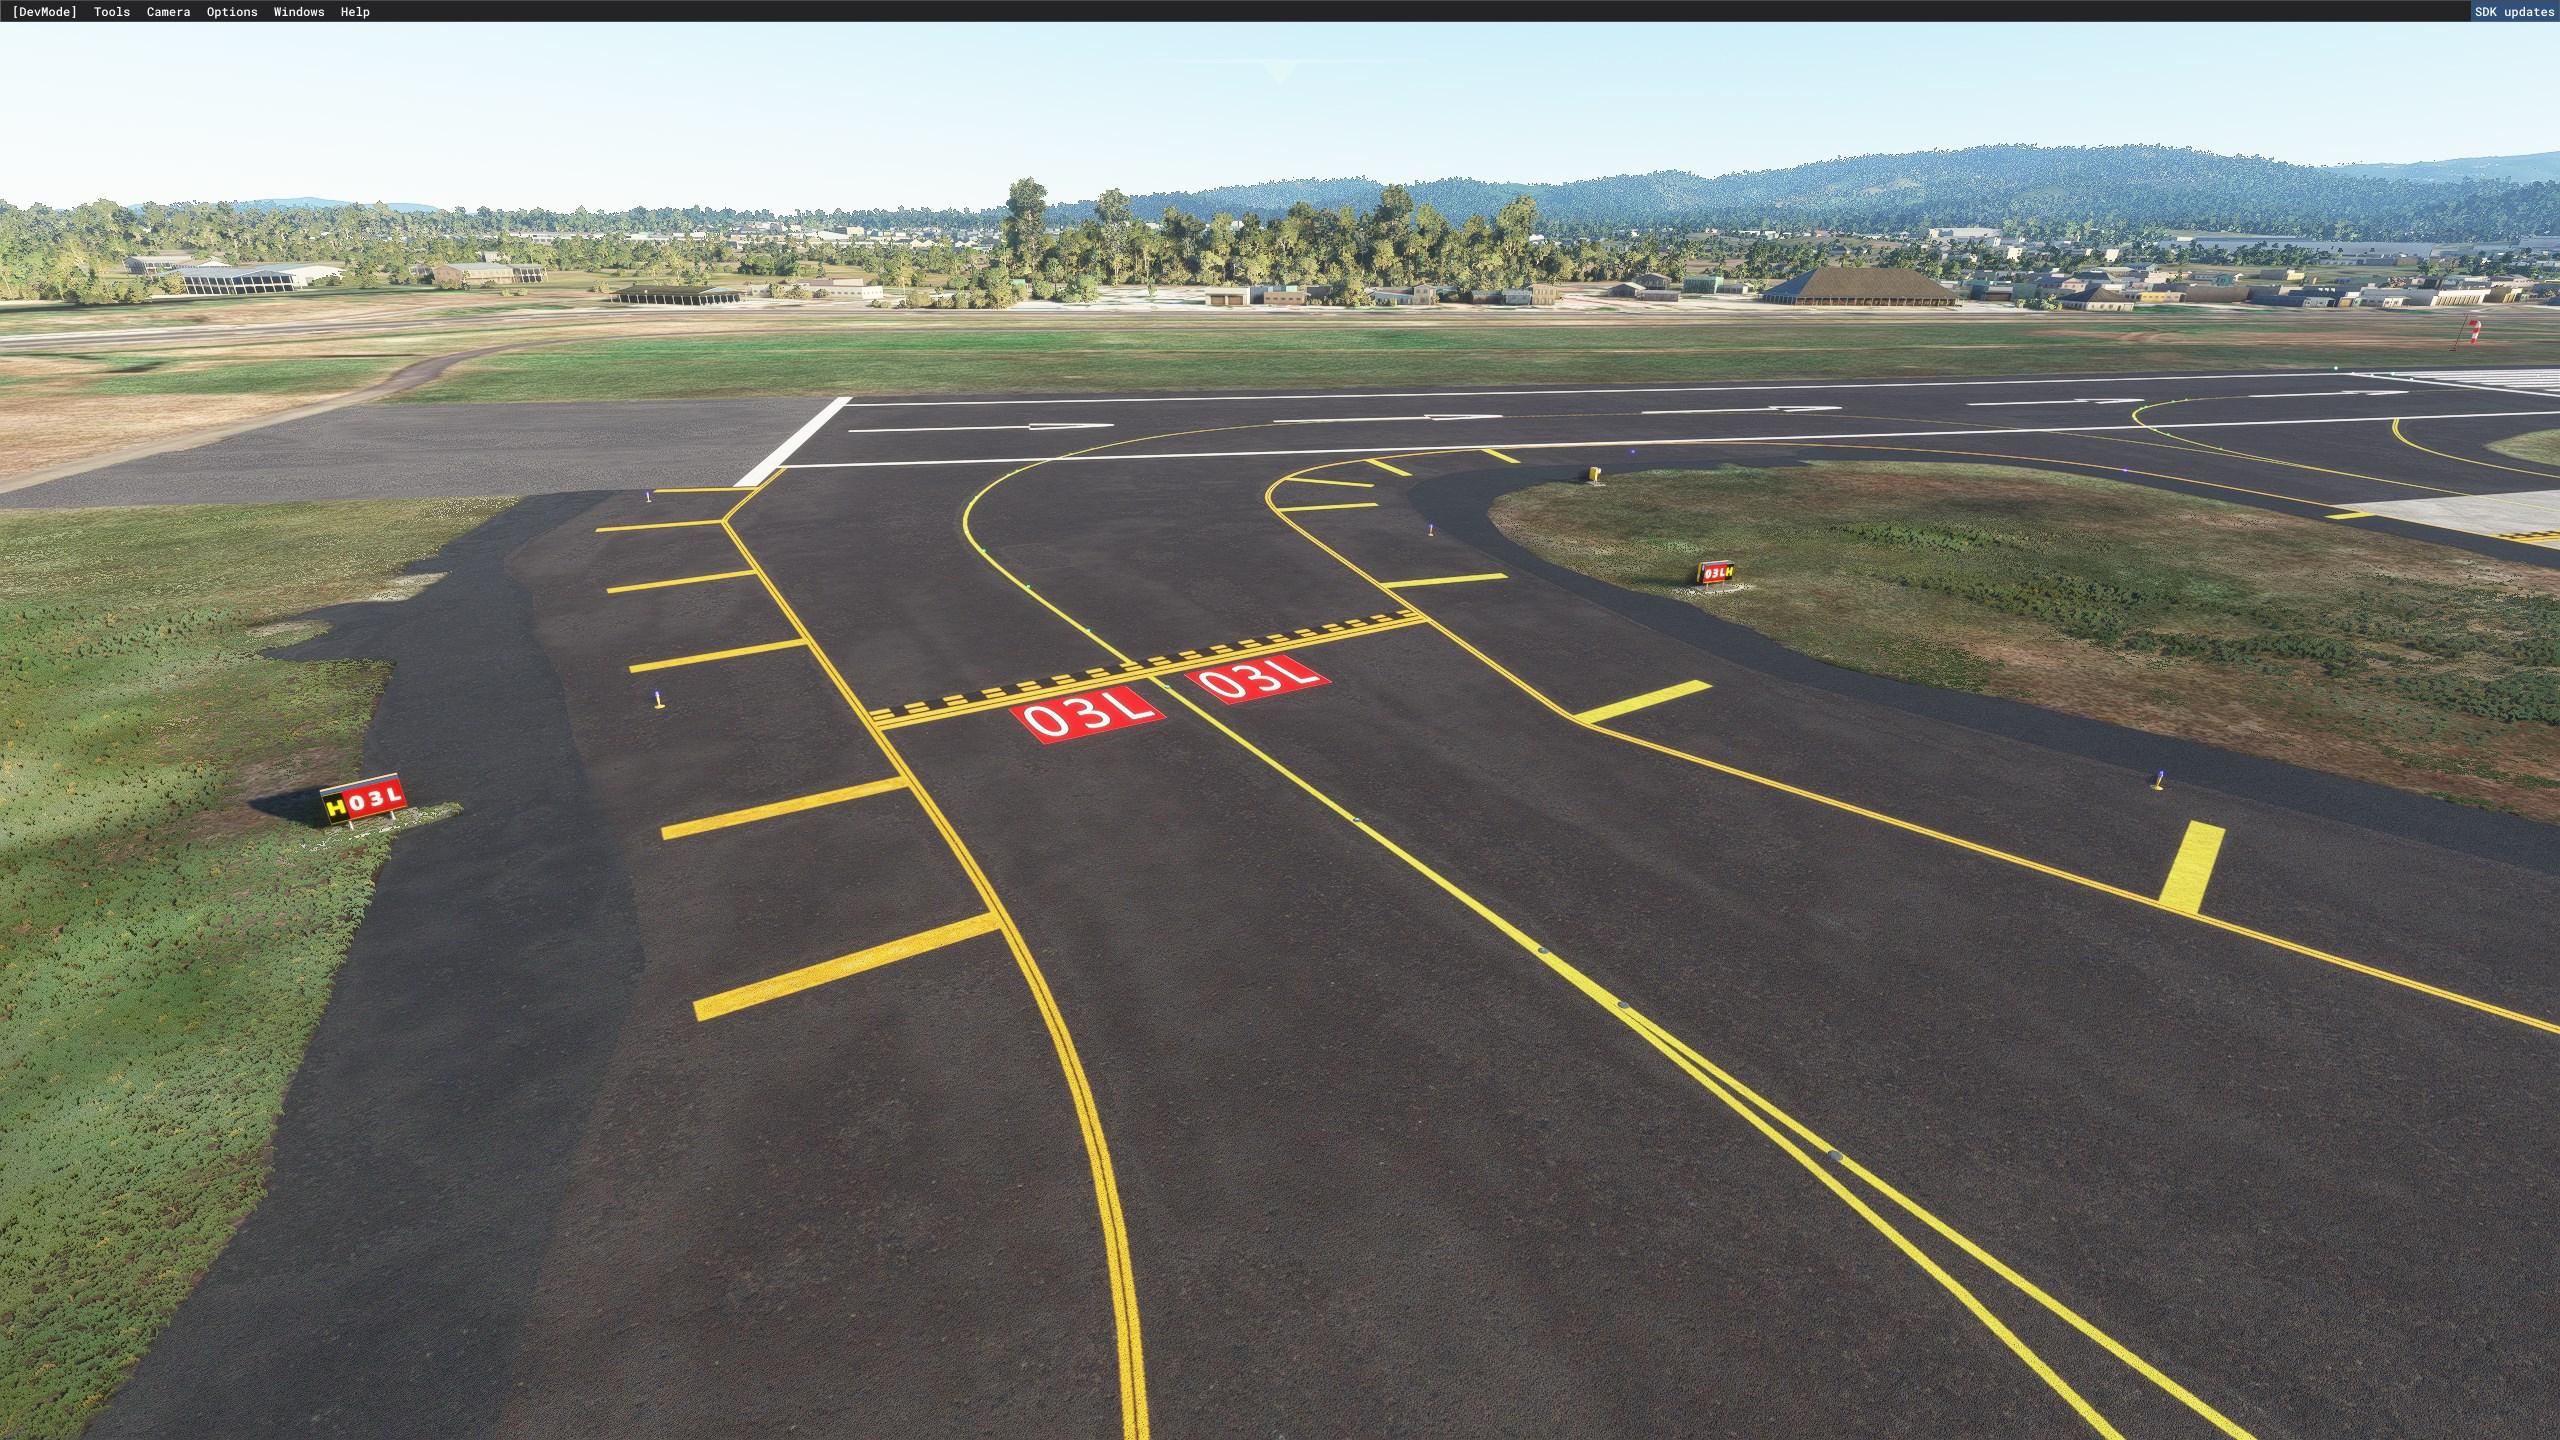 FlightSimulator_GY4aHDb37h.jpg